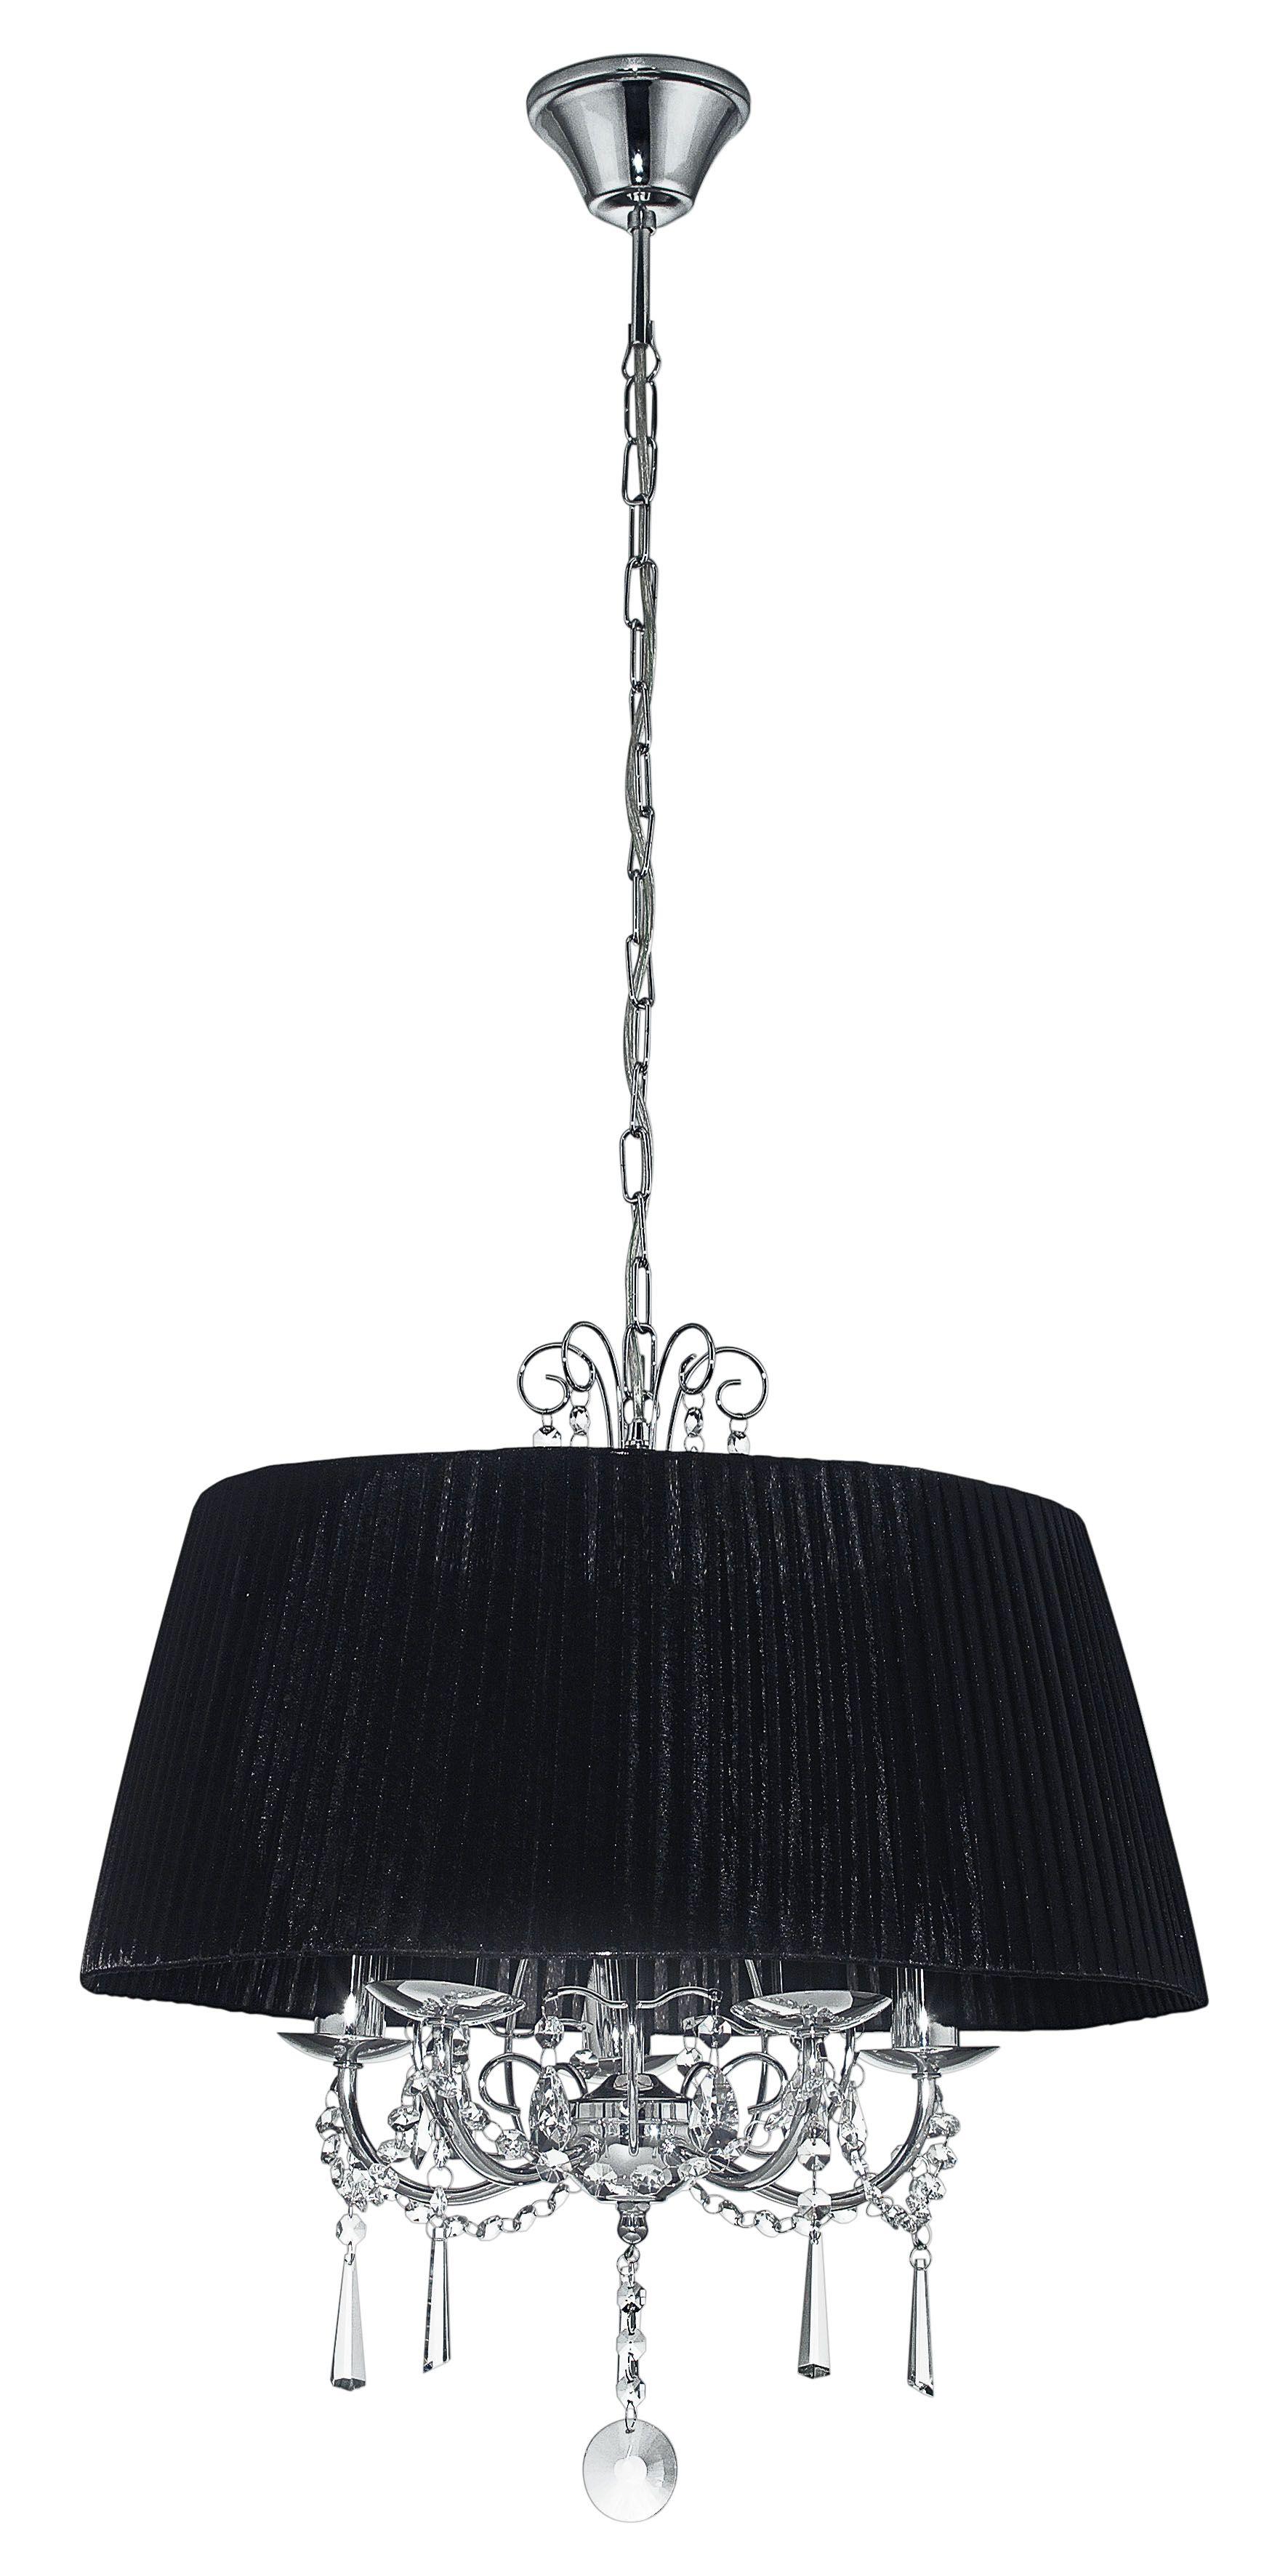 Eglo Kroonluchters: | Shop | Verlichting Outlet | Pendant lamps ...